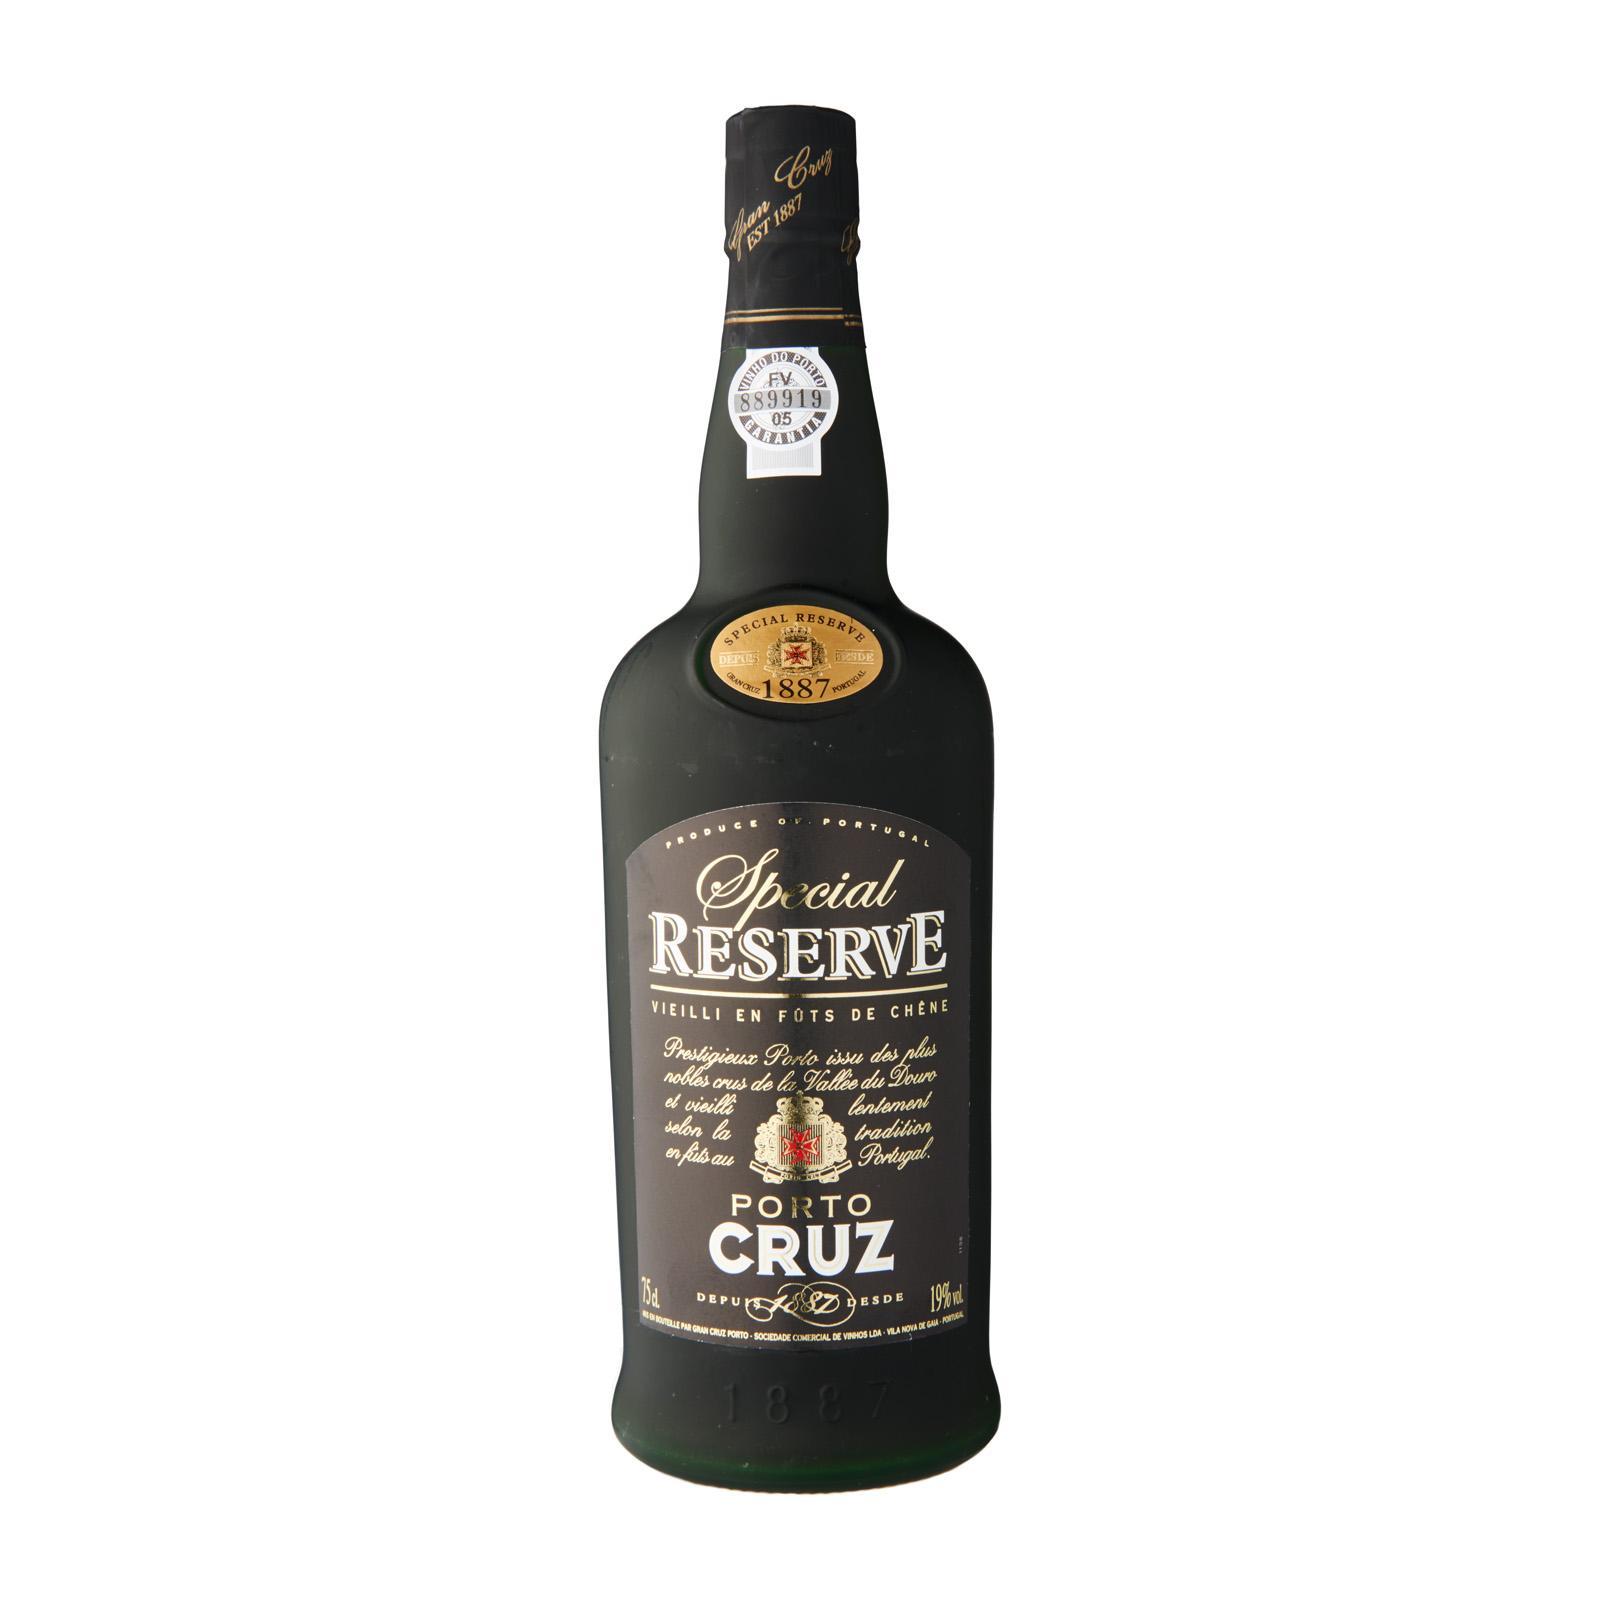 Cruz Porto Special Reserve Port